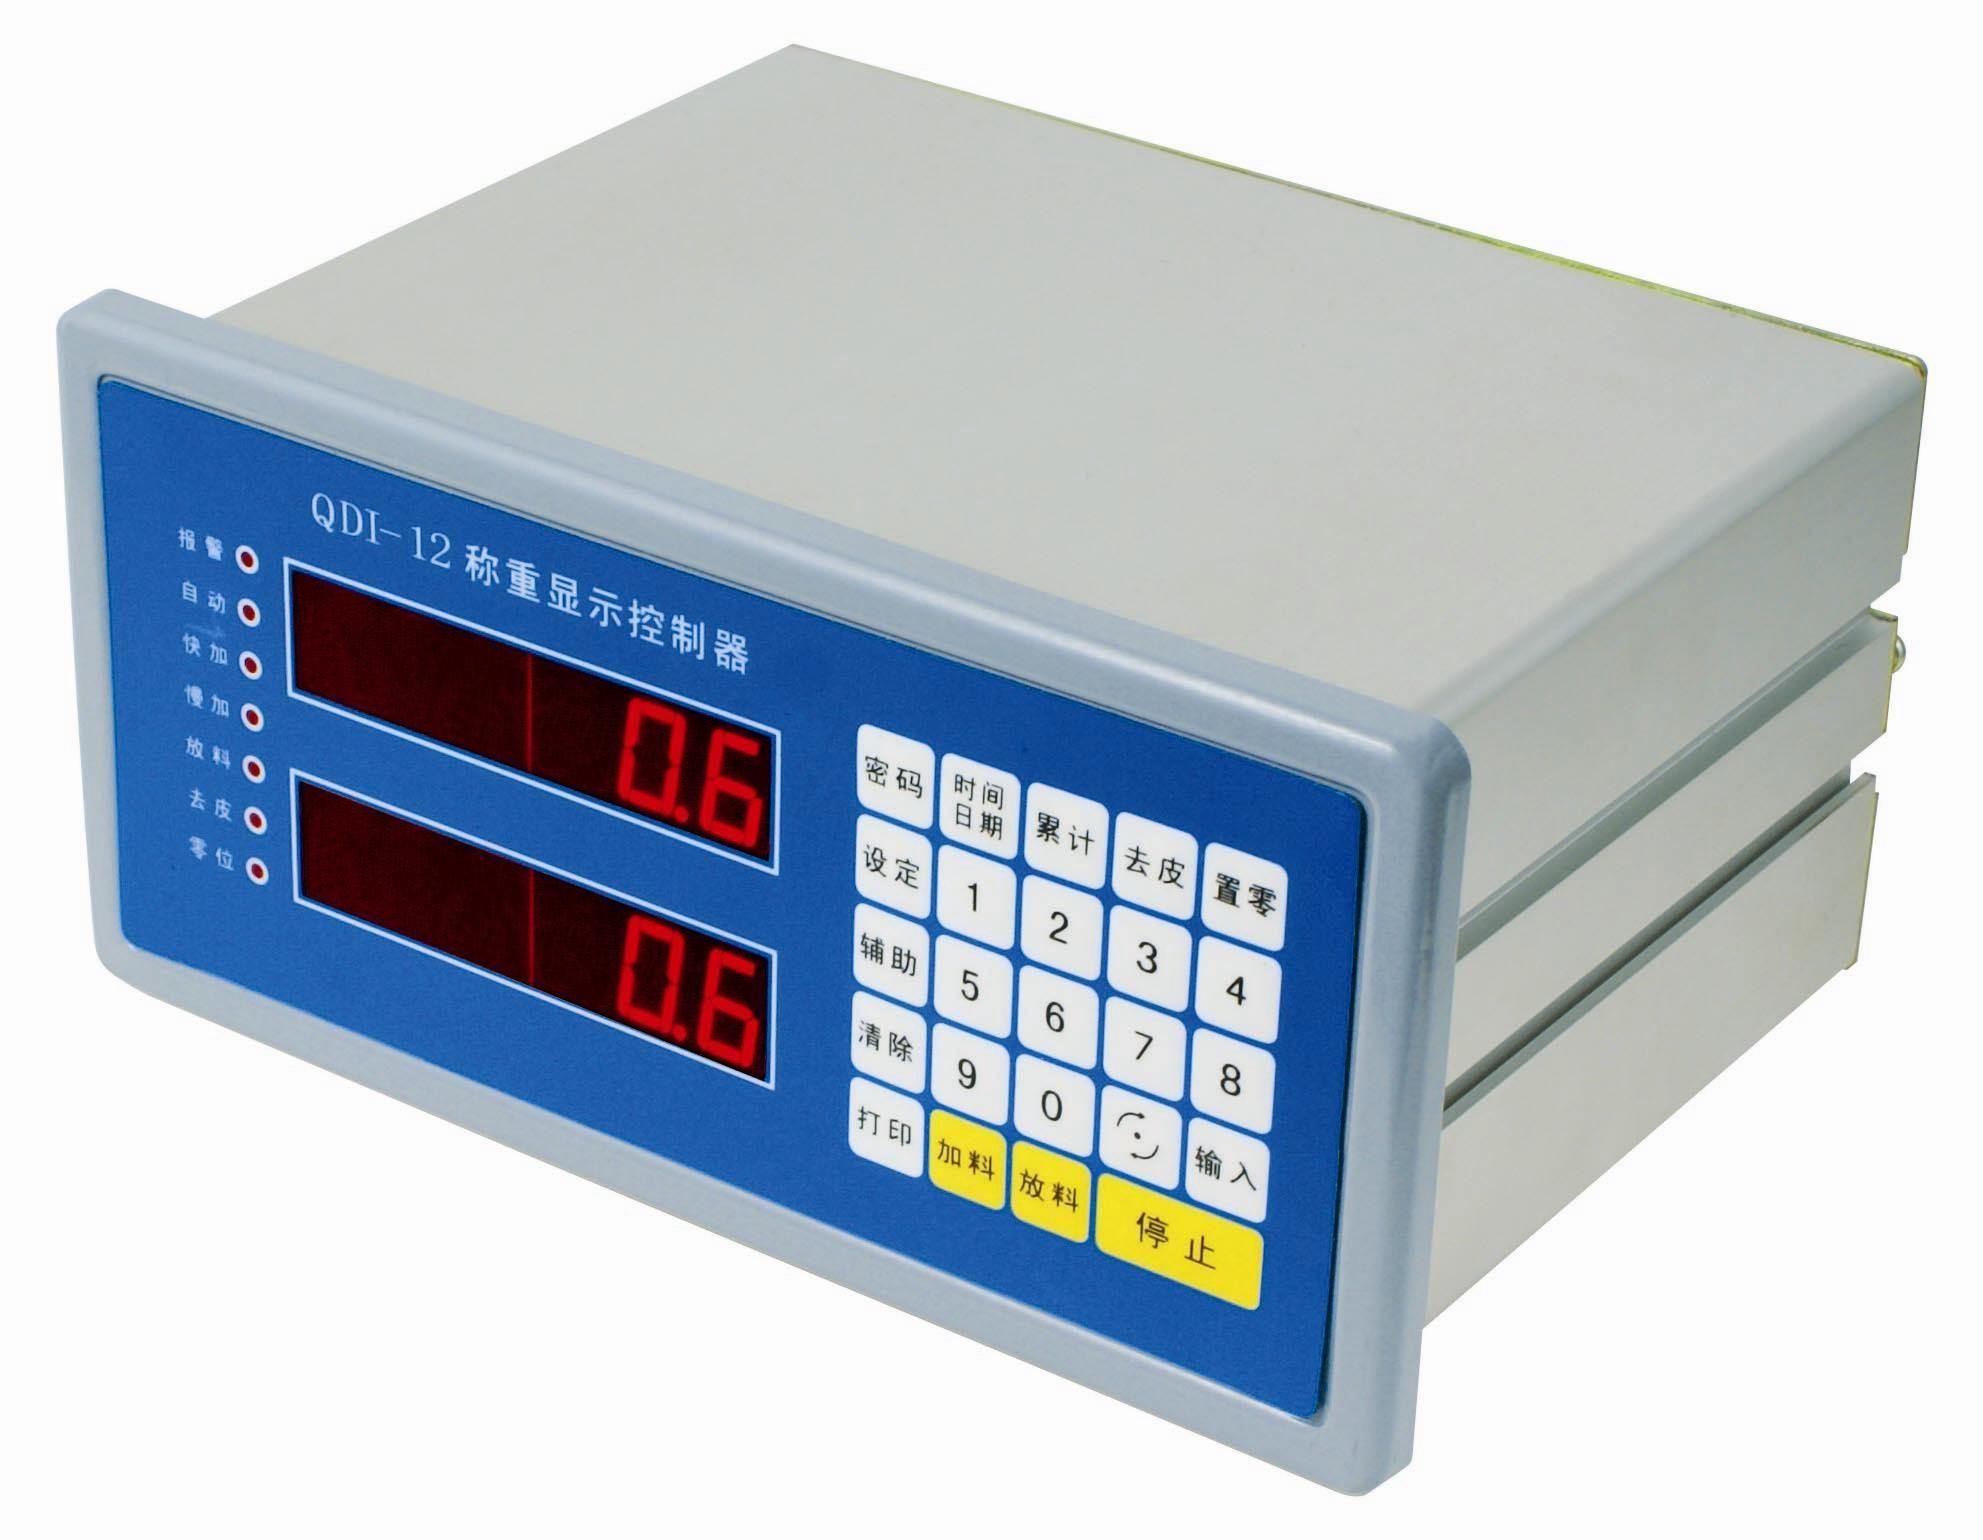 上海秋毫衡器 QDI-12C 定值包装 配料场合 配料秤控制仪 控制仪表